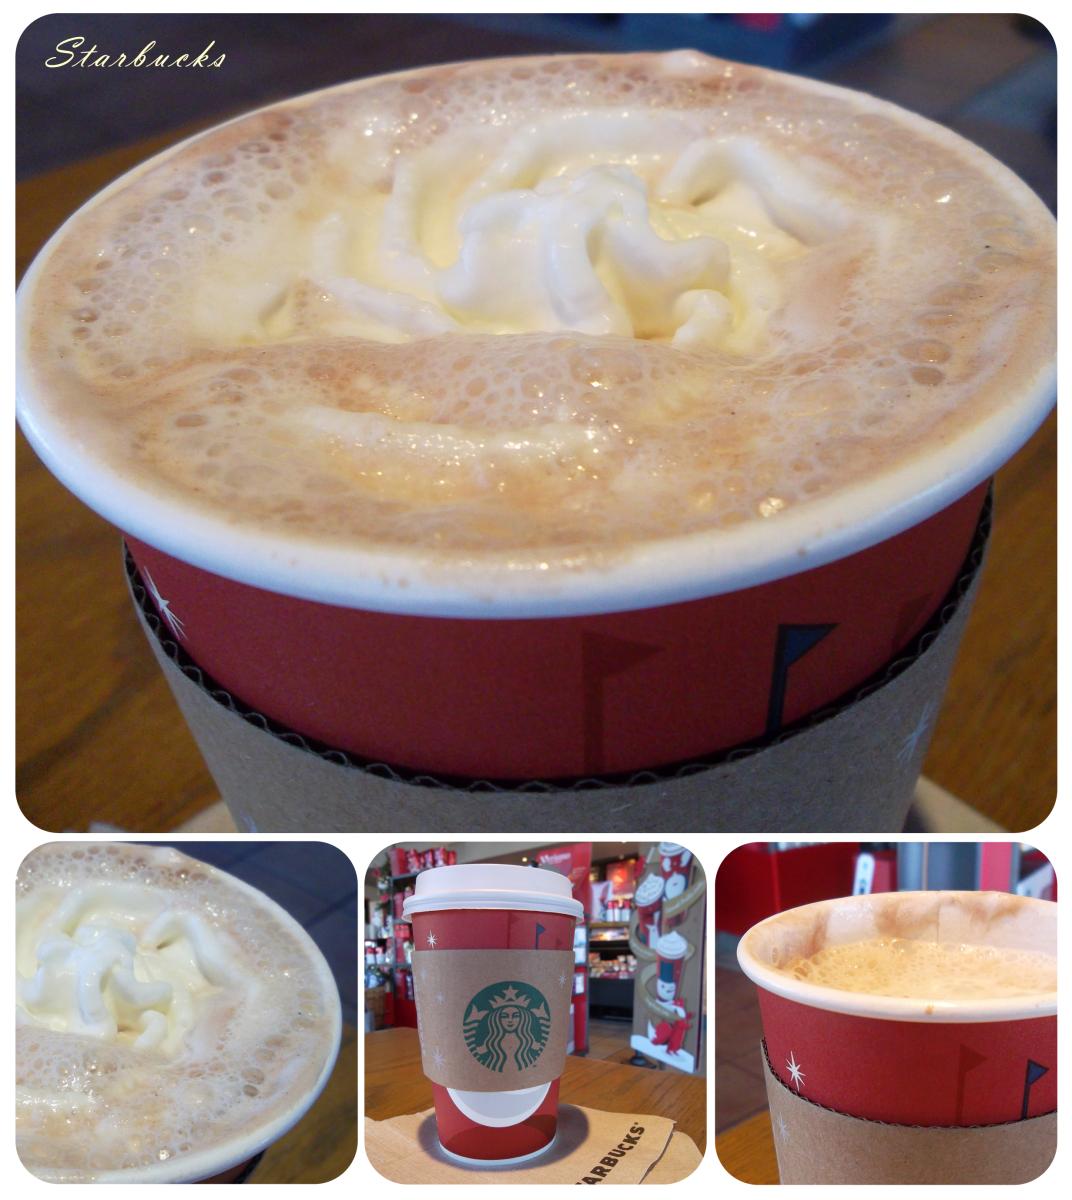 Starbucks Classic Hot Chocolate